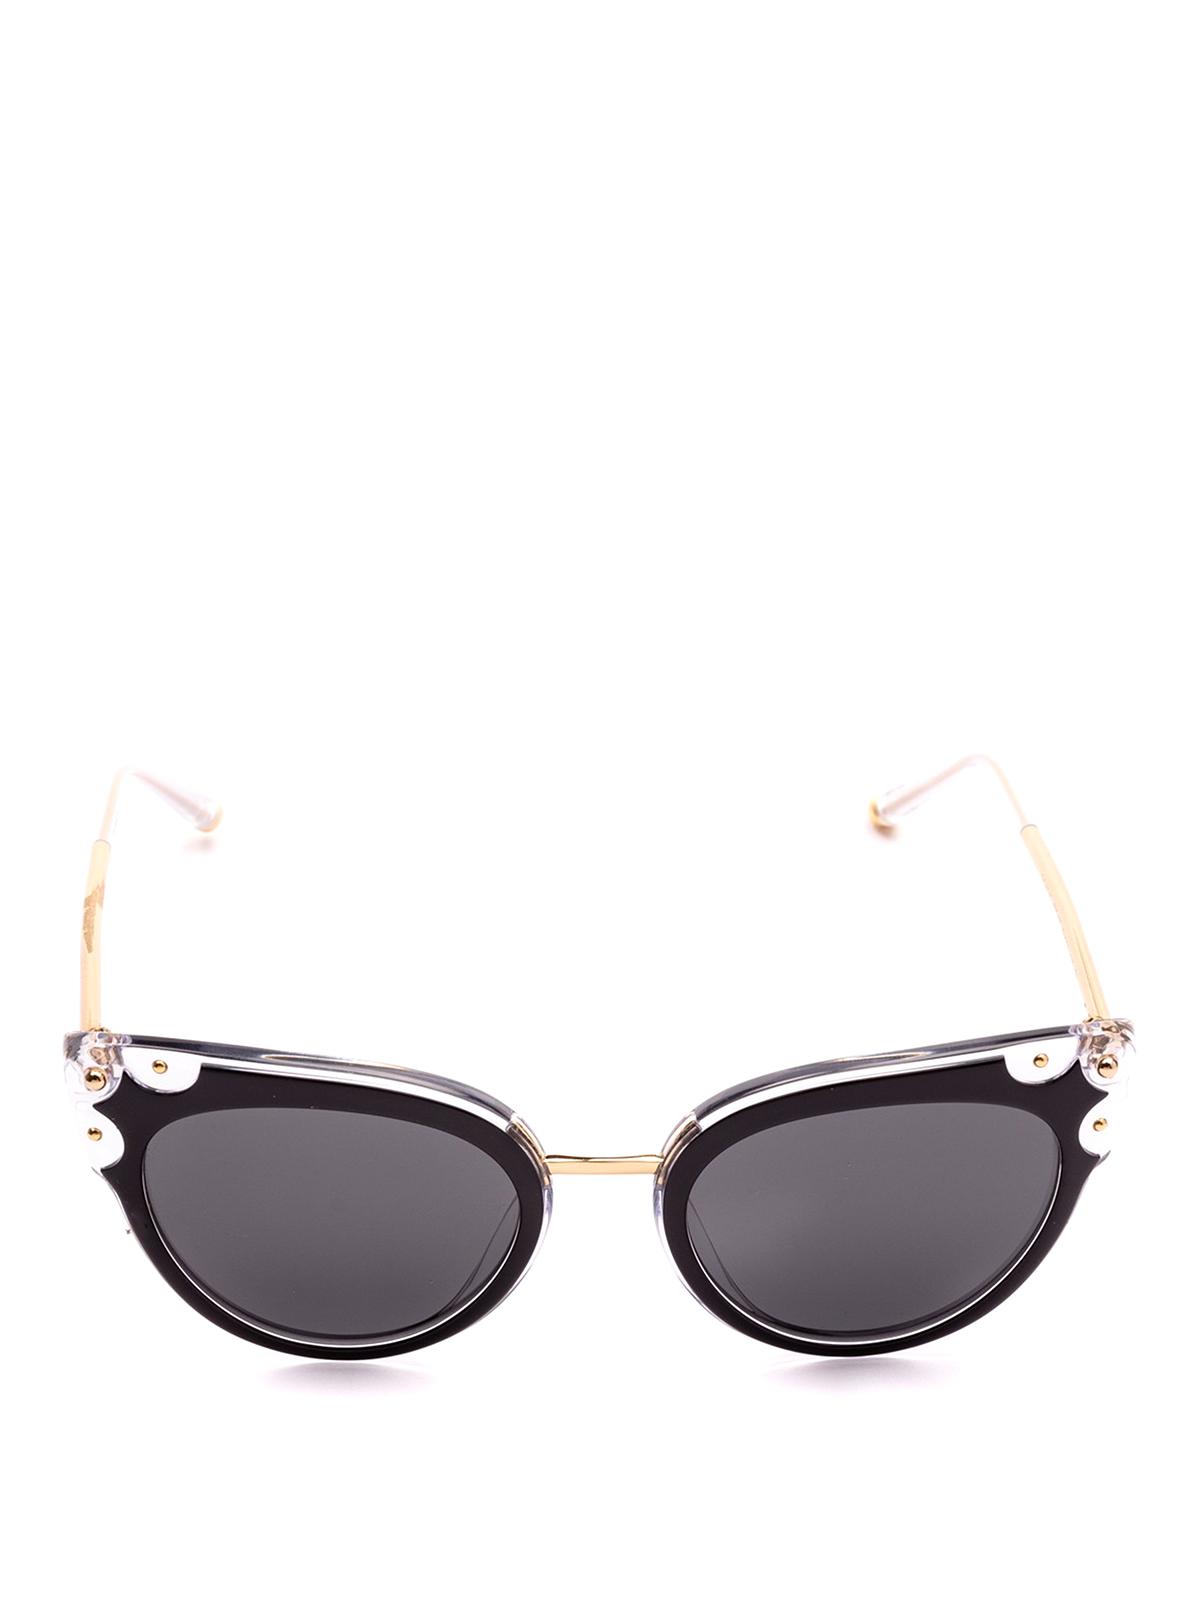 055c5484d45c19 DOLCE   GABBANA  occhiali da sole online - Occhiali a occhi di gatto neri e